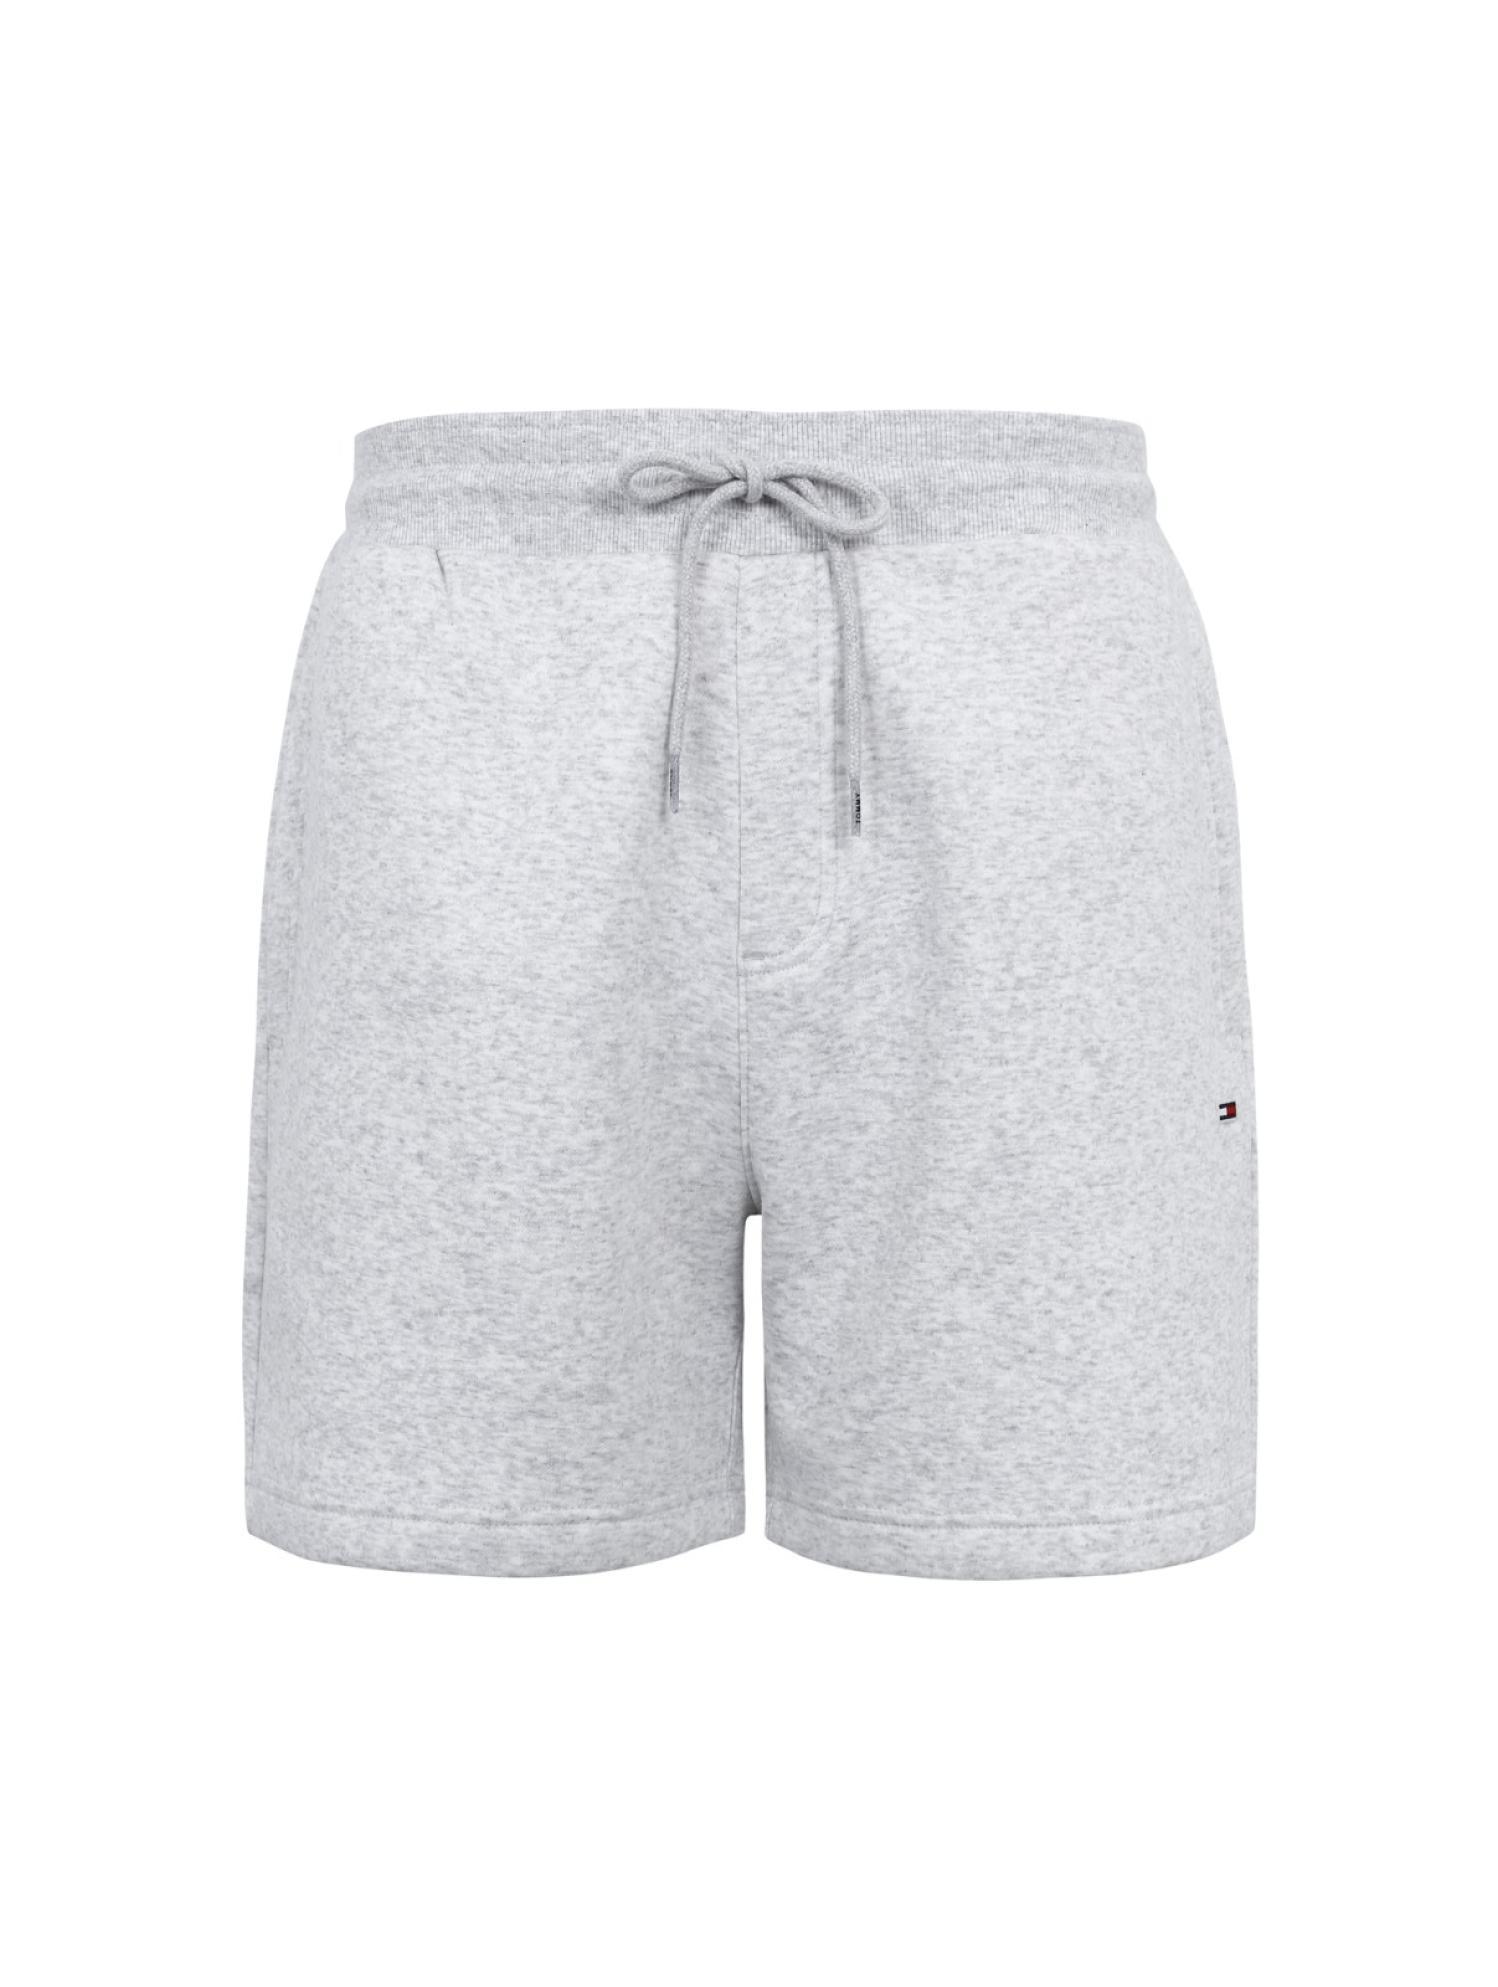 抽绳休闲短裤